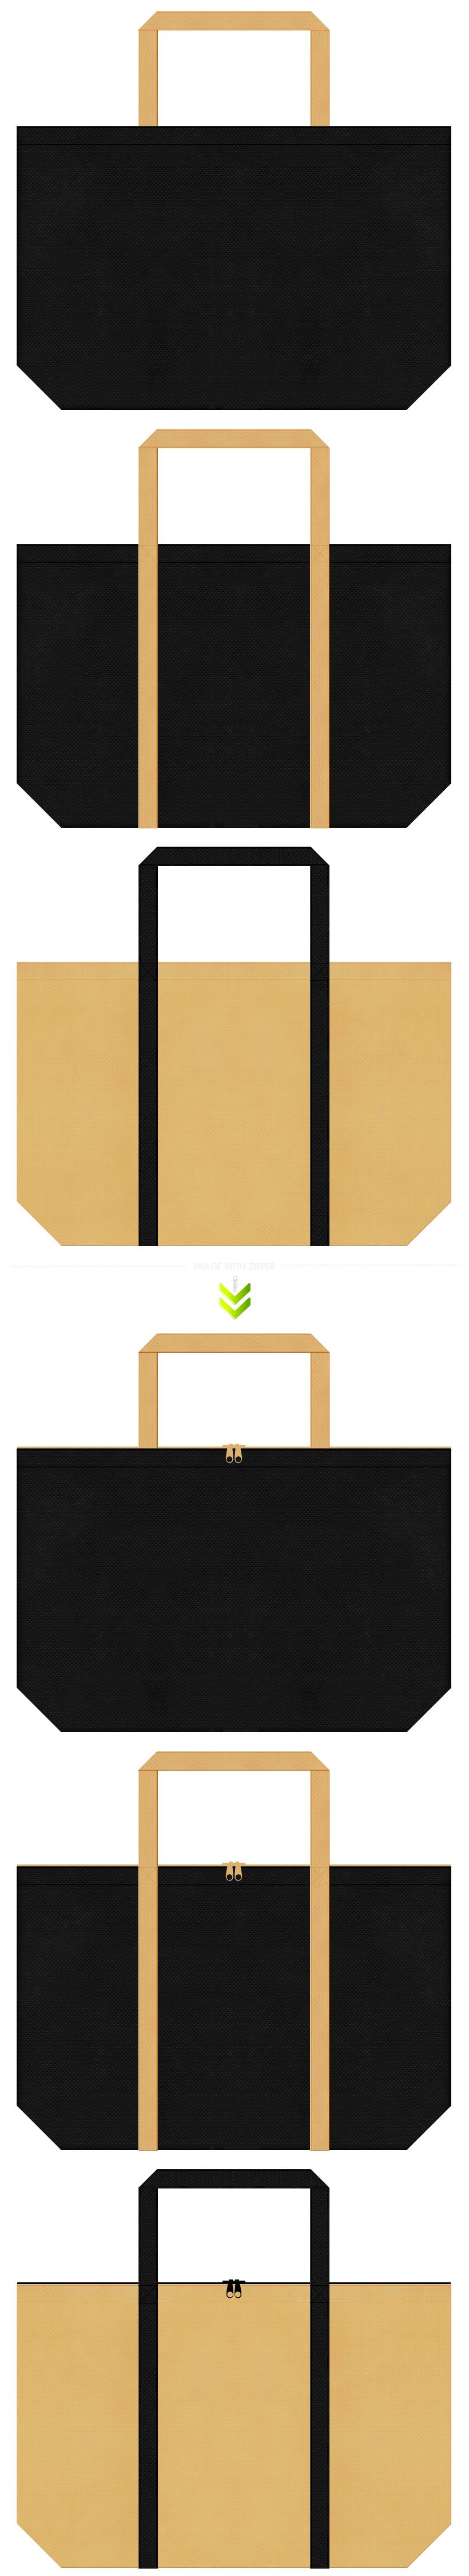 黒色と薄黄土色の不織布エコバッグのデザイン。